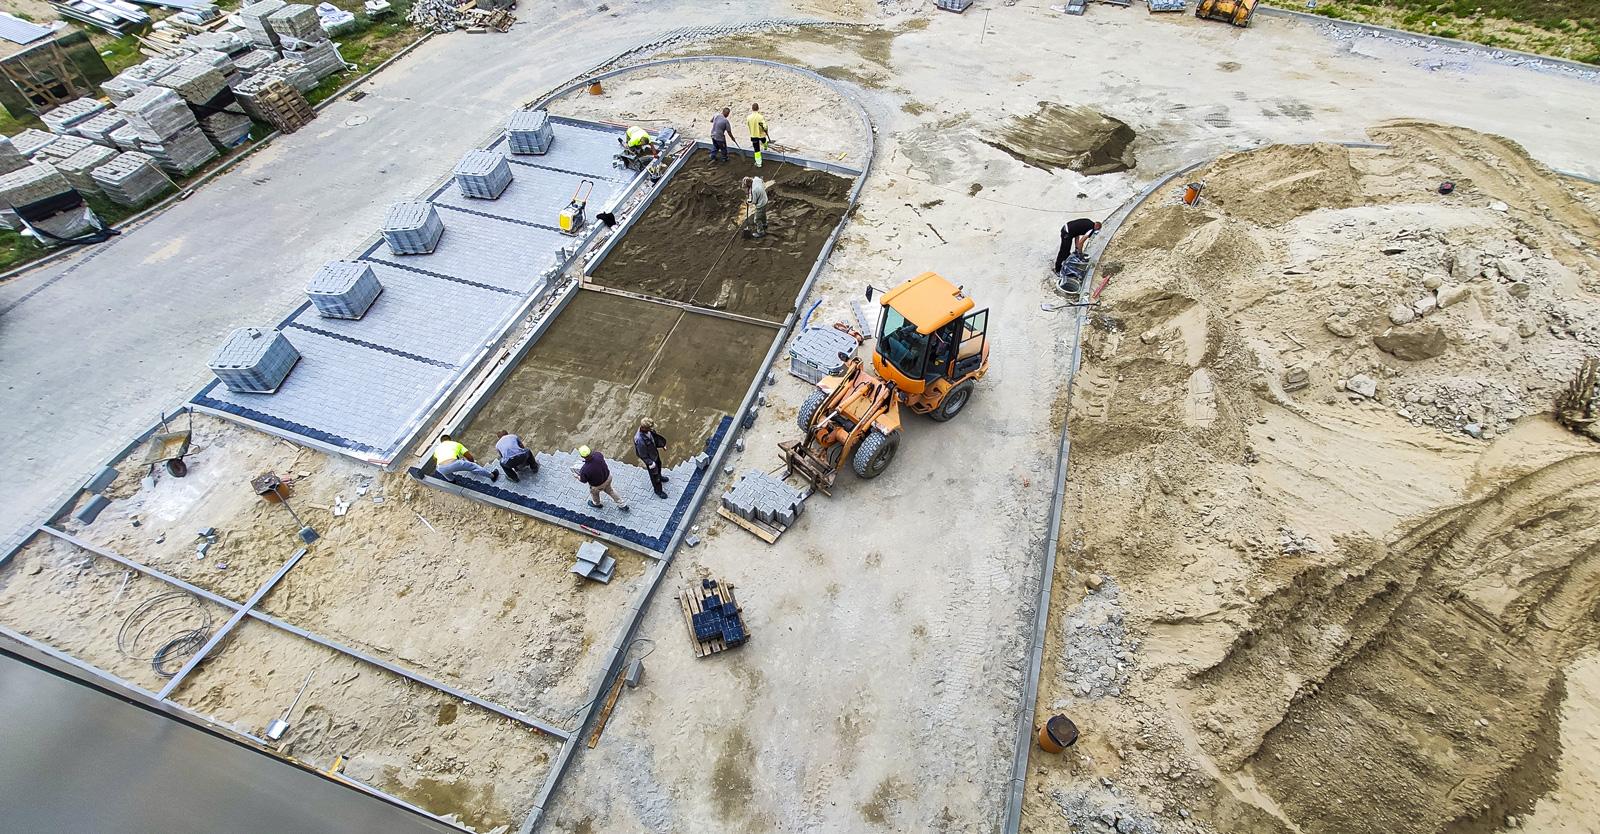 budowa parkingów Viscon II - druga inwestycja, dla firmy Viscon, w Płaszewku, w woj. pomorskim, w Słupskiej Specjalnej Strefie Ekonomicznej